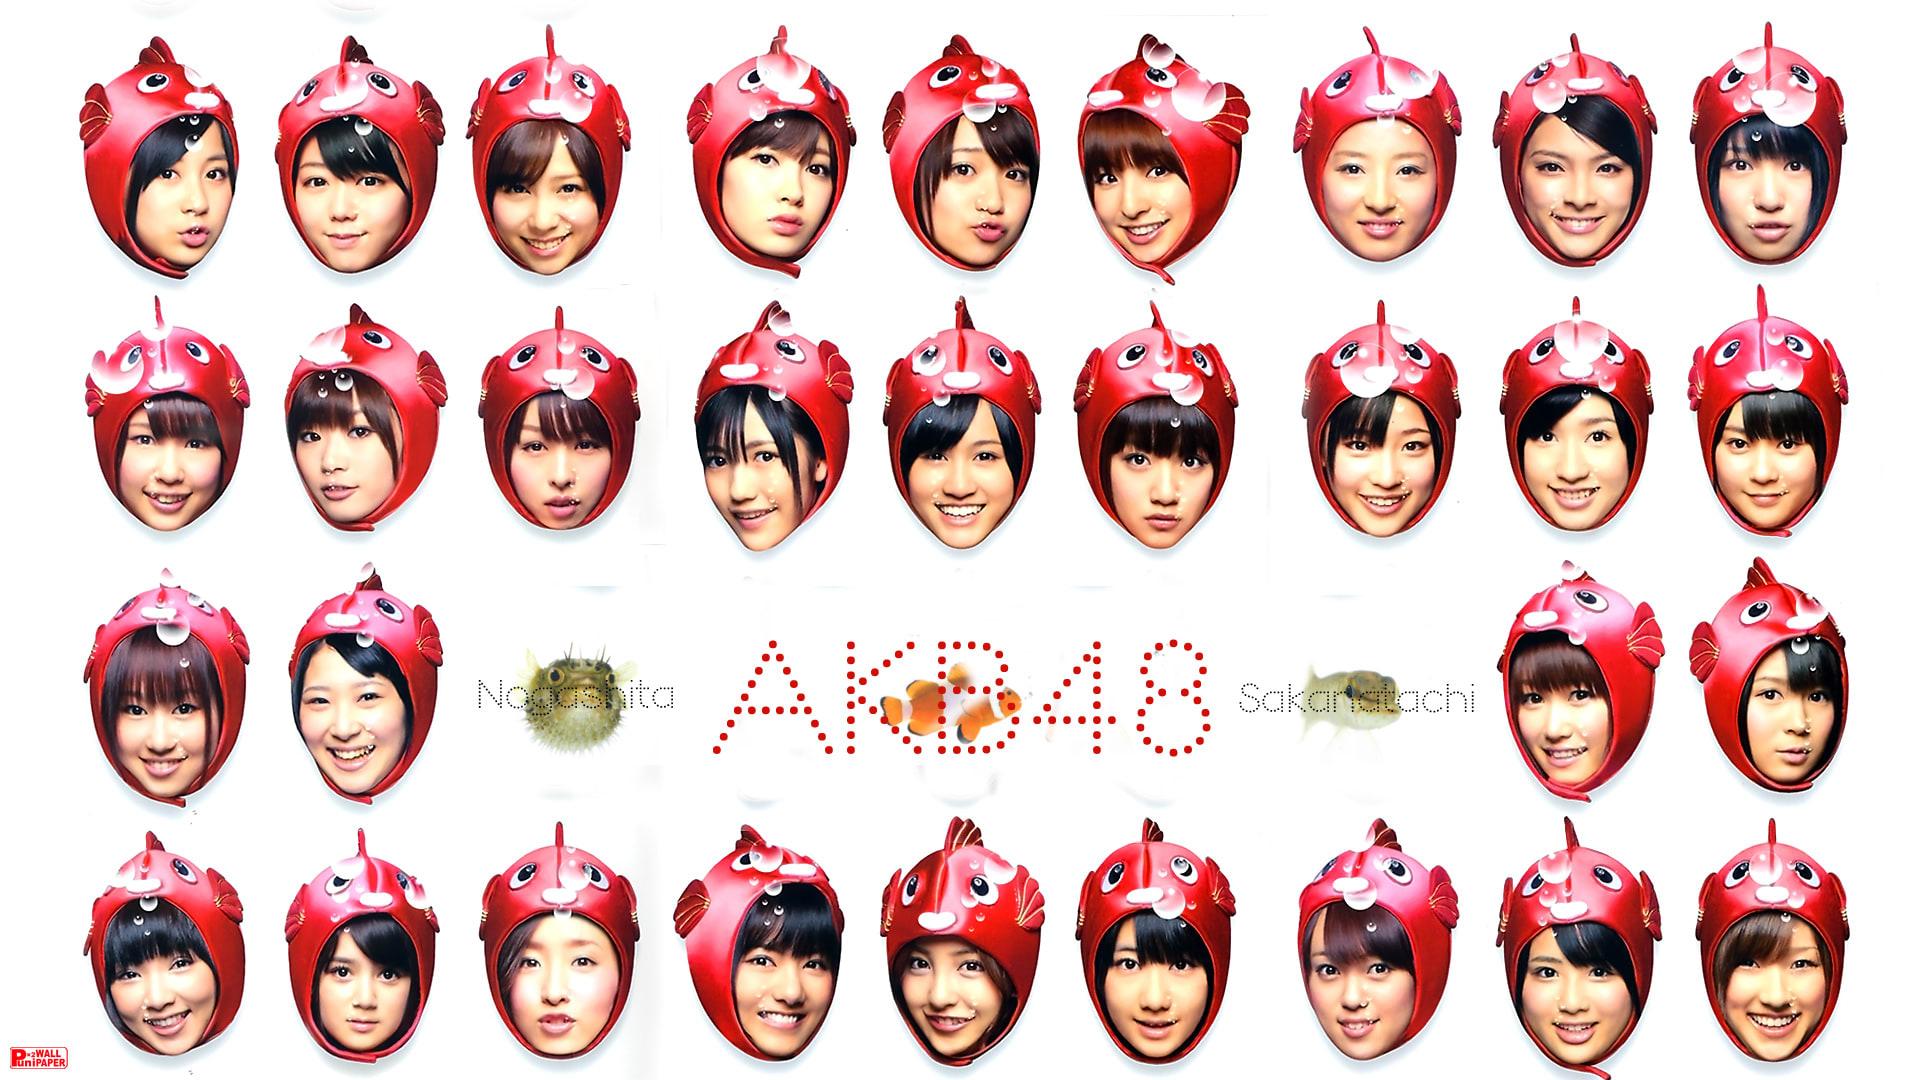 完全保存版【AKB48,SKE48,NMB48】PC・スマホ壁紙画像 ...